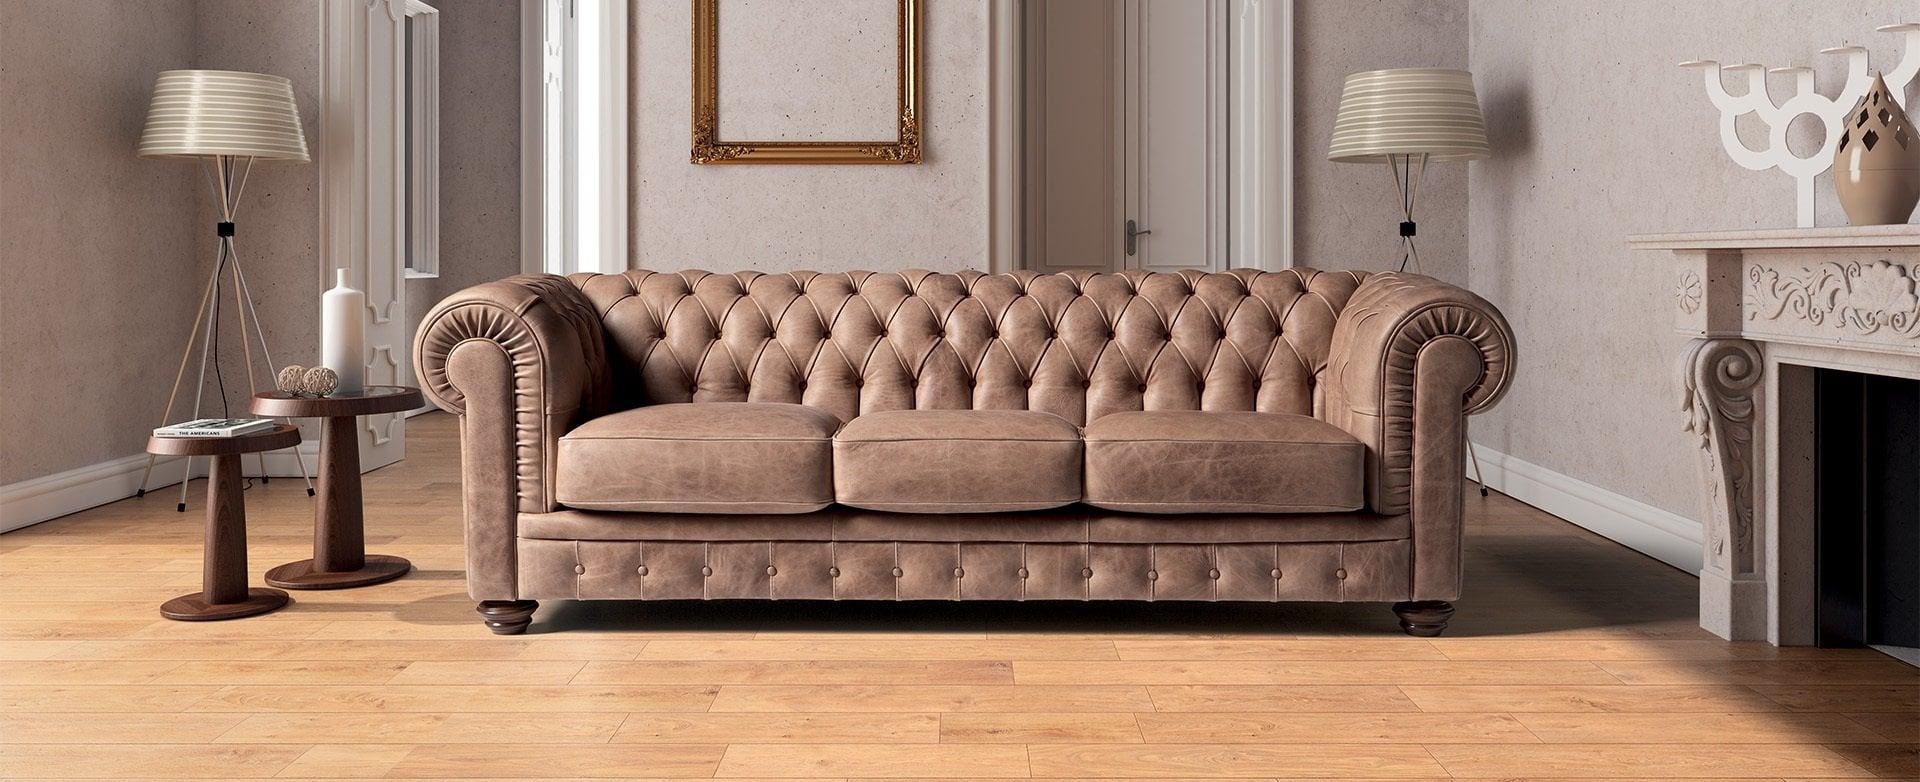 Astonishing Bespoke Furniture Raffertys Furniture Store Interior Design Ideas Clesiryabchikinfo